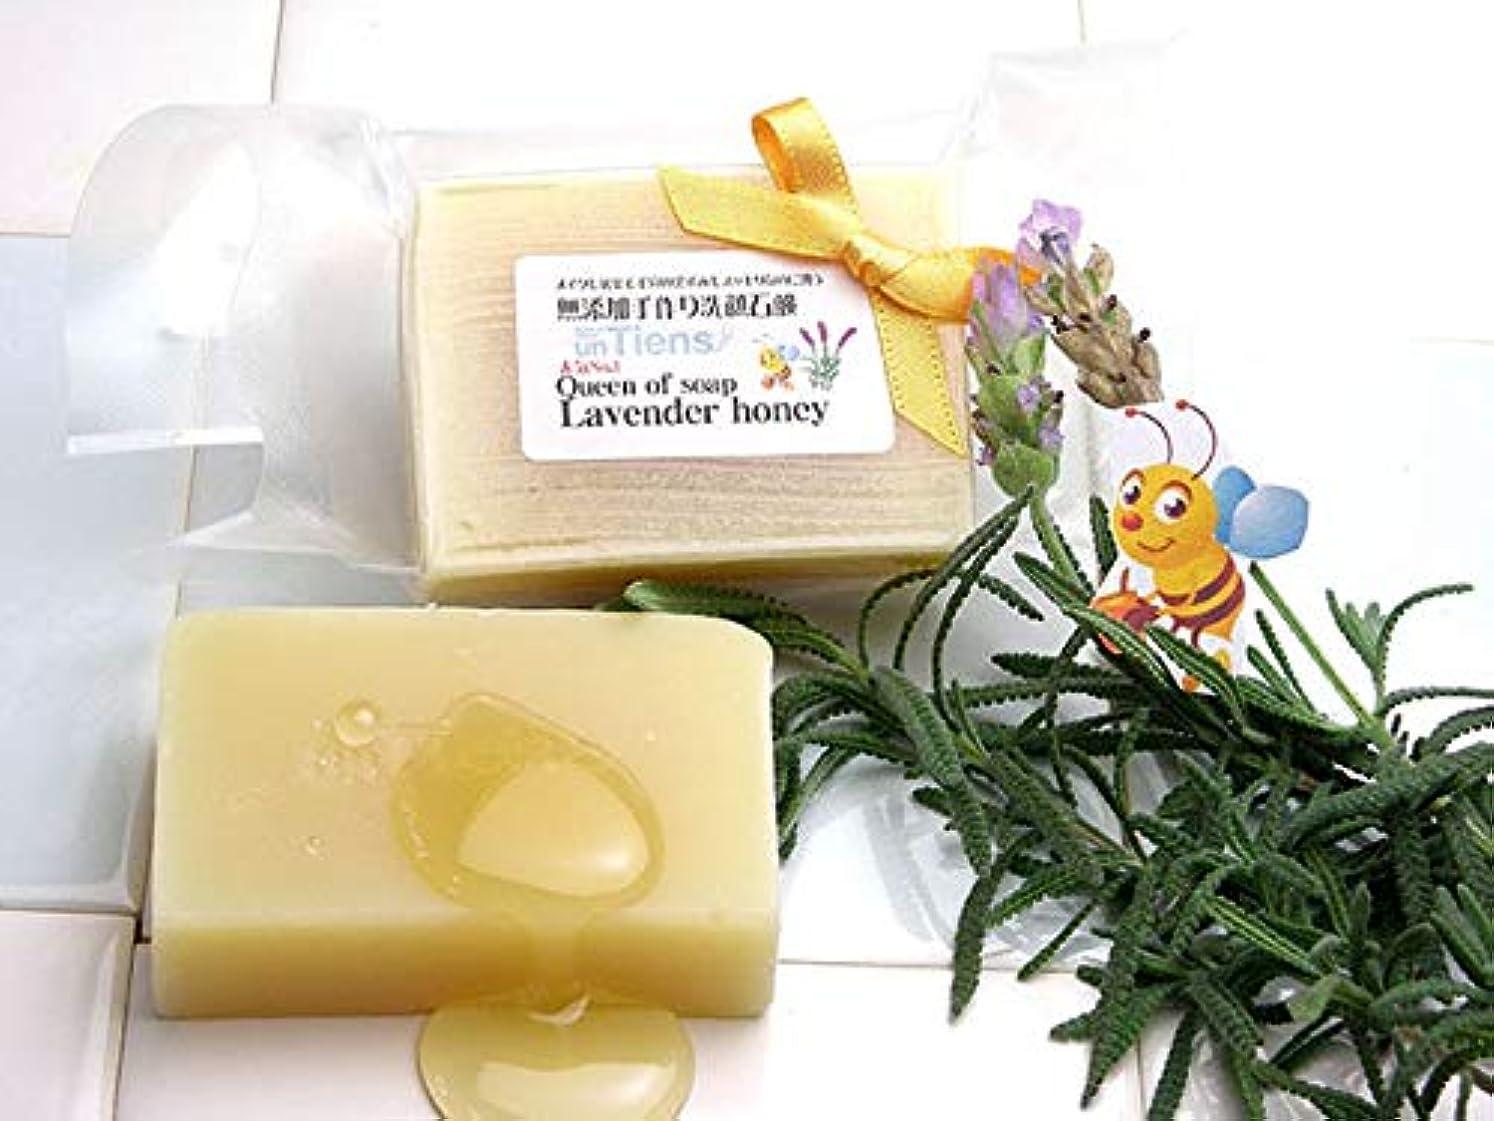 膨らみトレッド豪華な手作り石鹸アンティアン クイーンオブソープ 「ラベンダーハニー」 もっとお得な5個セット 200g